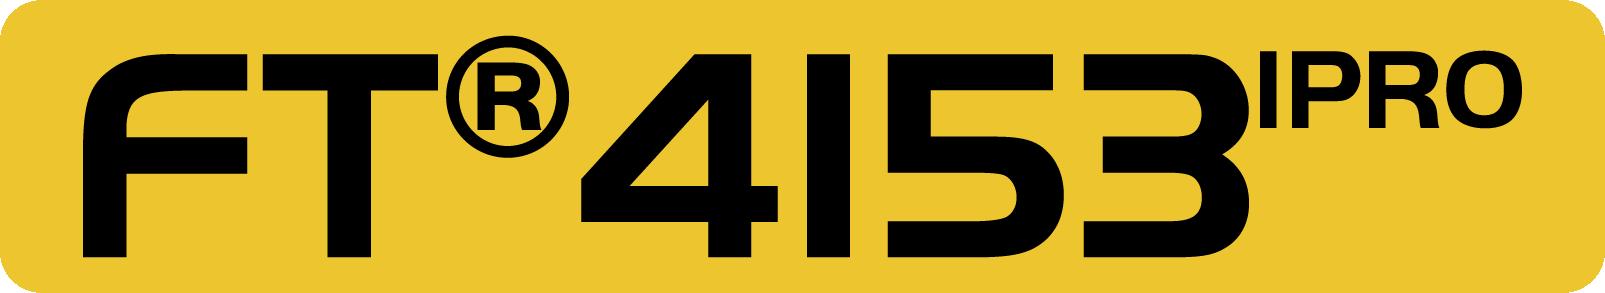 FTR 4153 IPRO